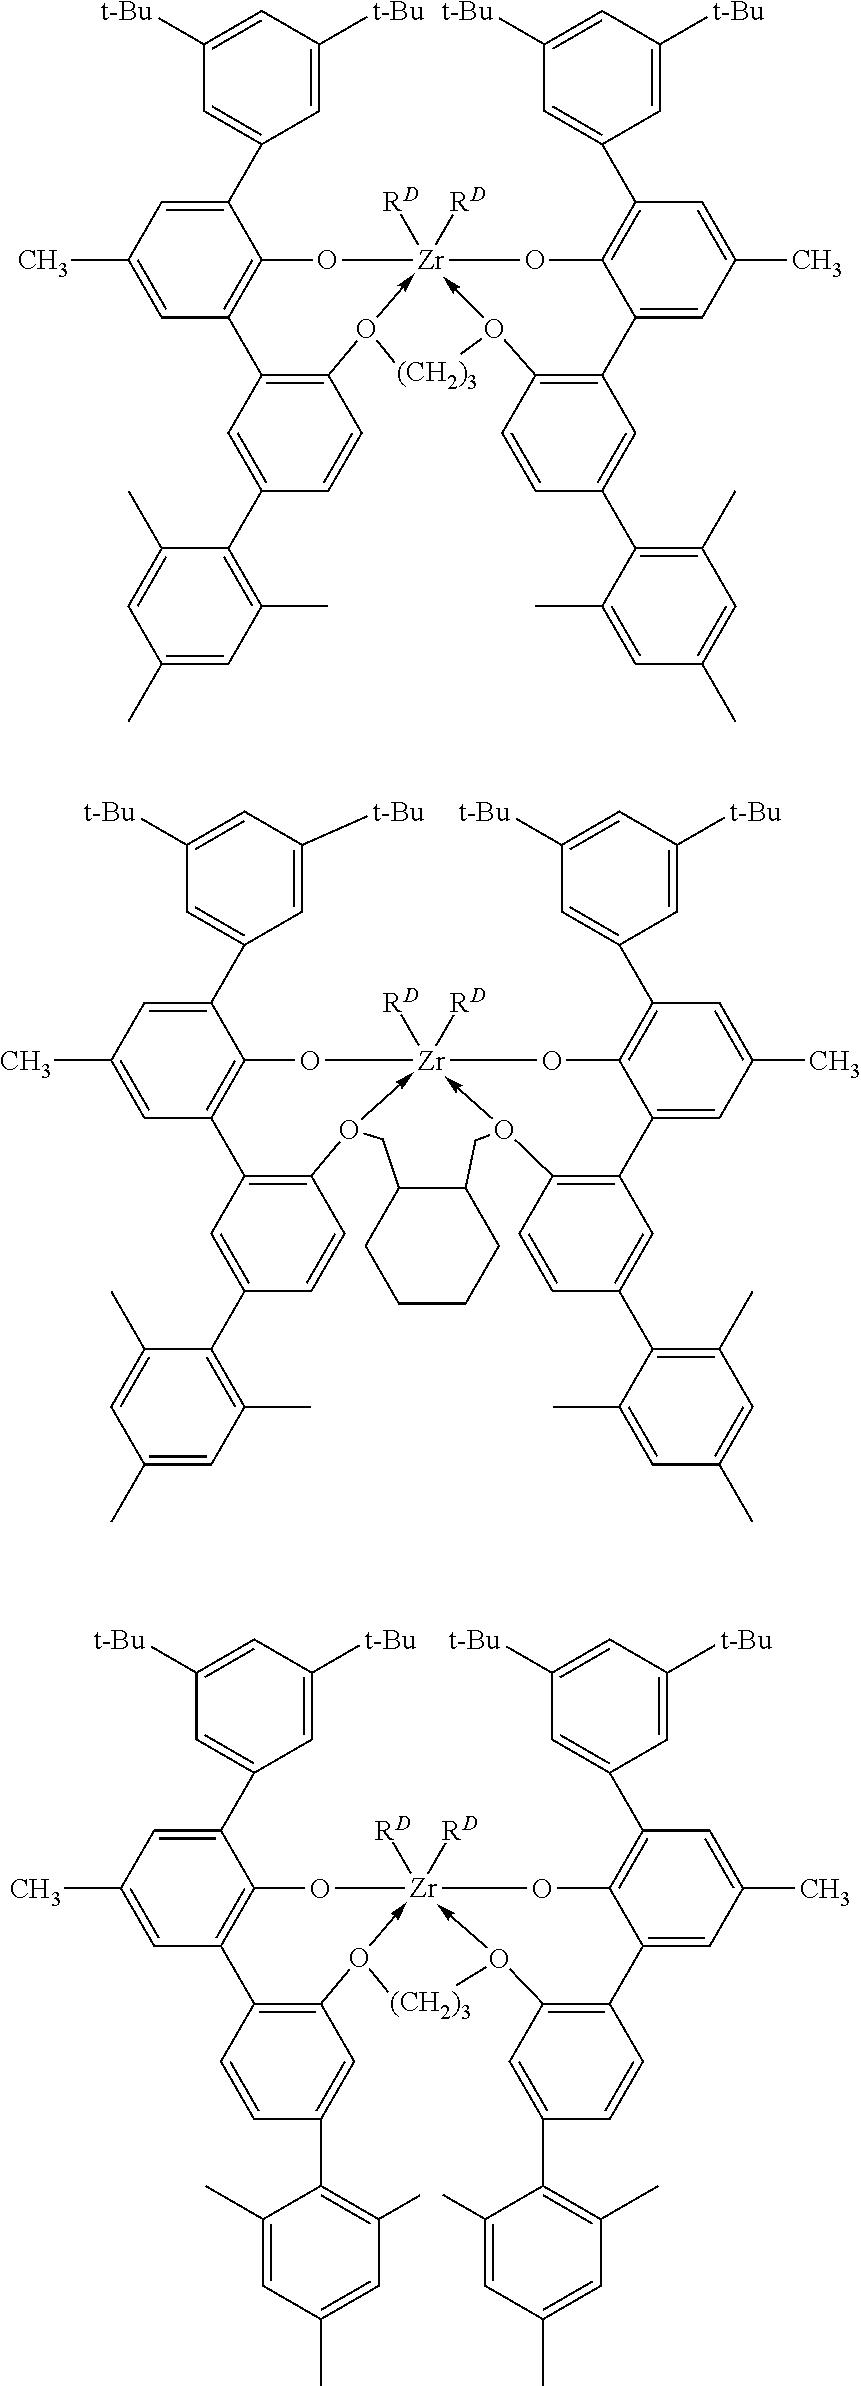 Figure US08450438-20130528-C00007